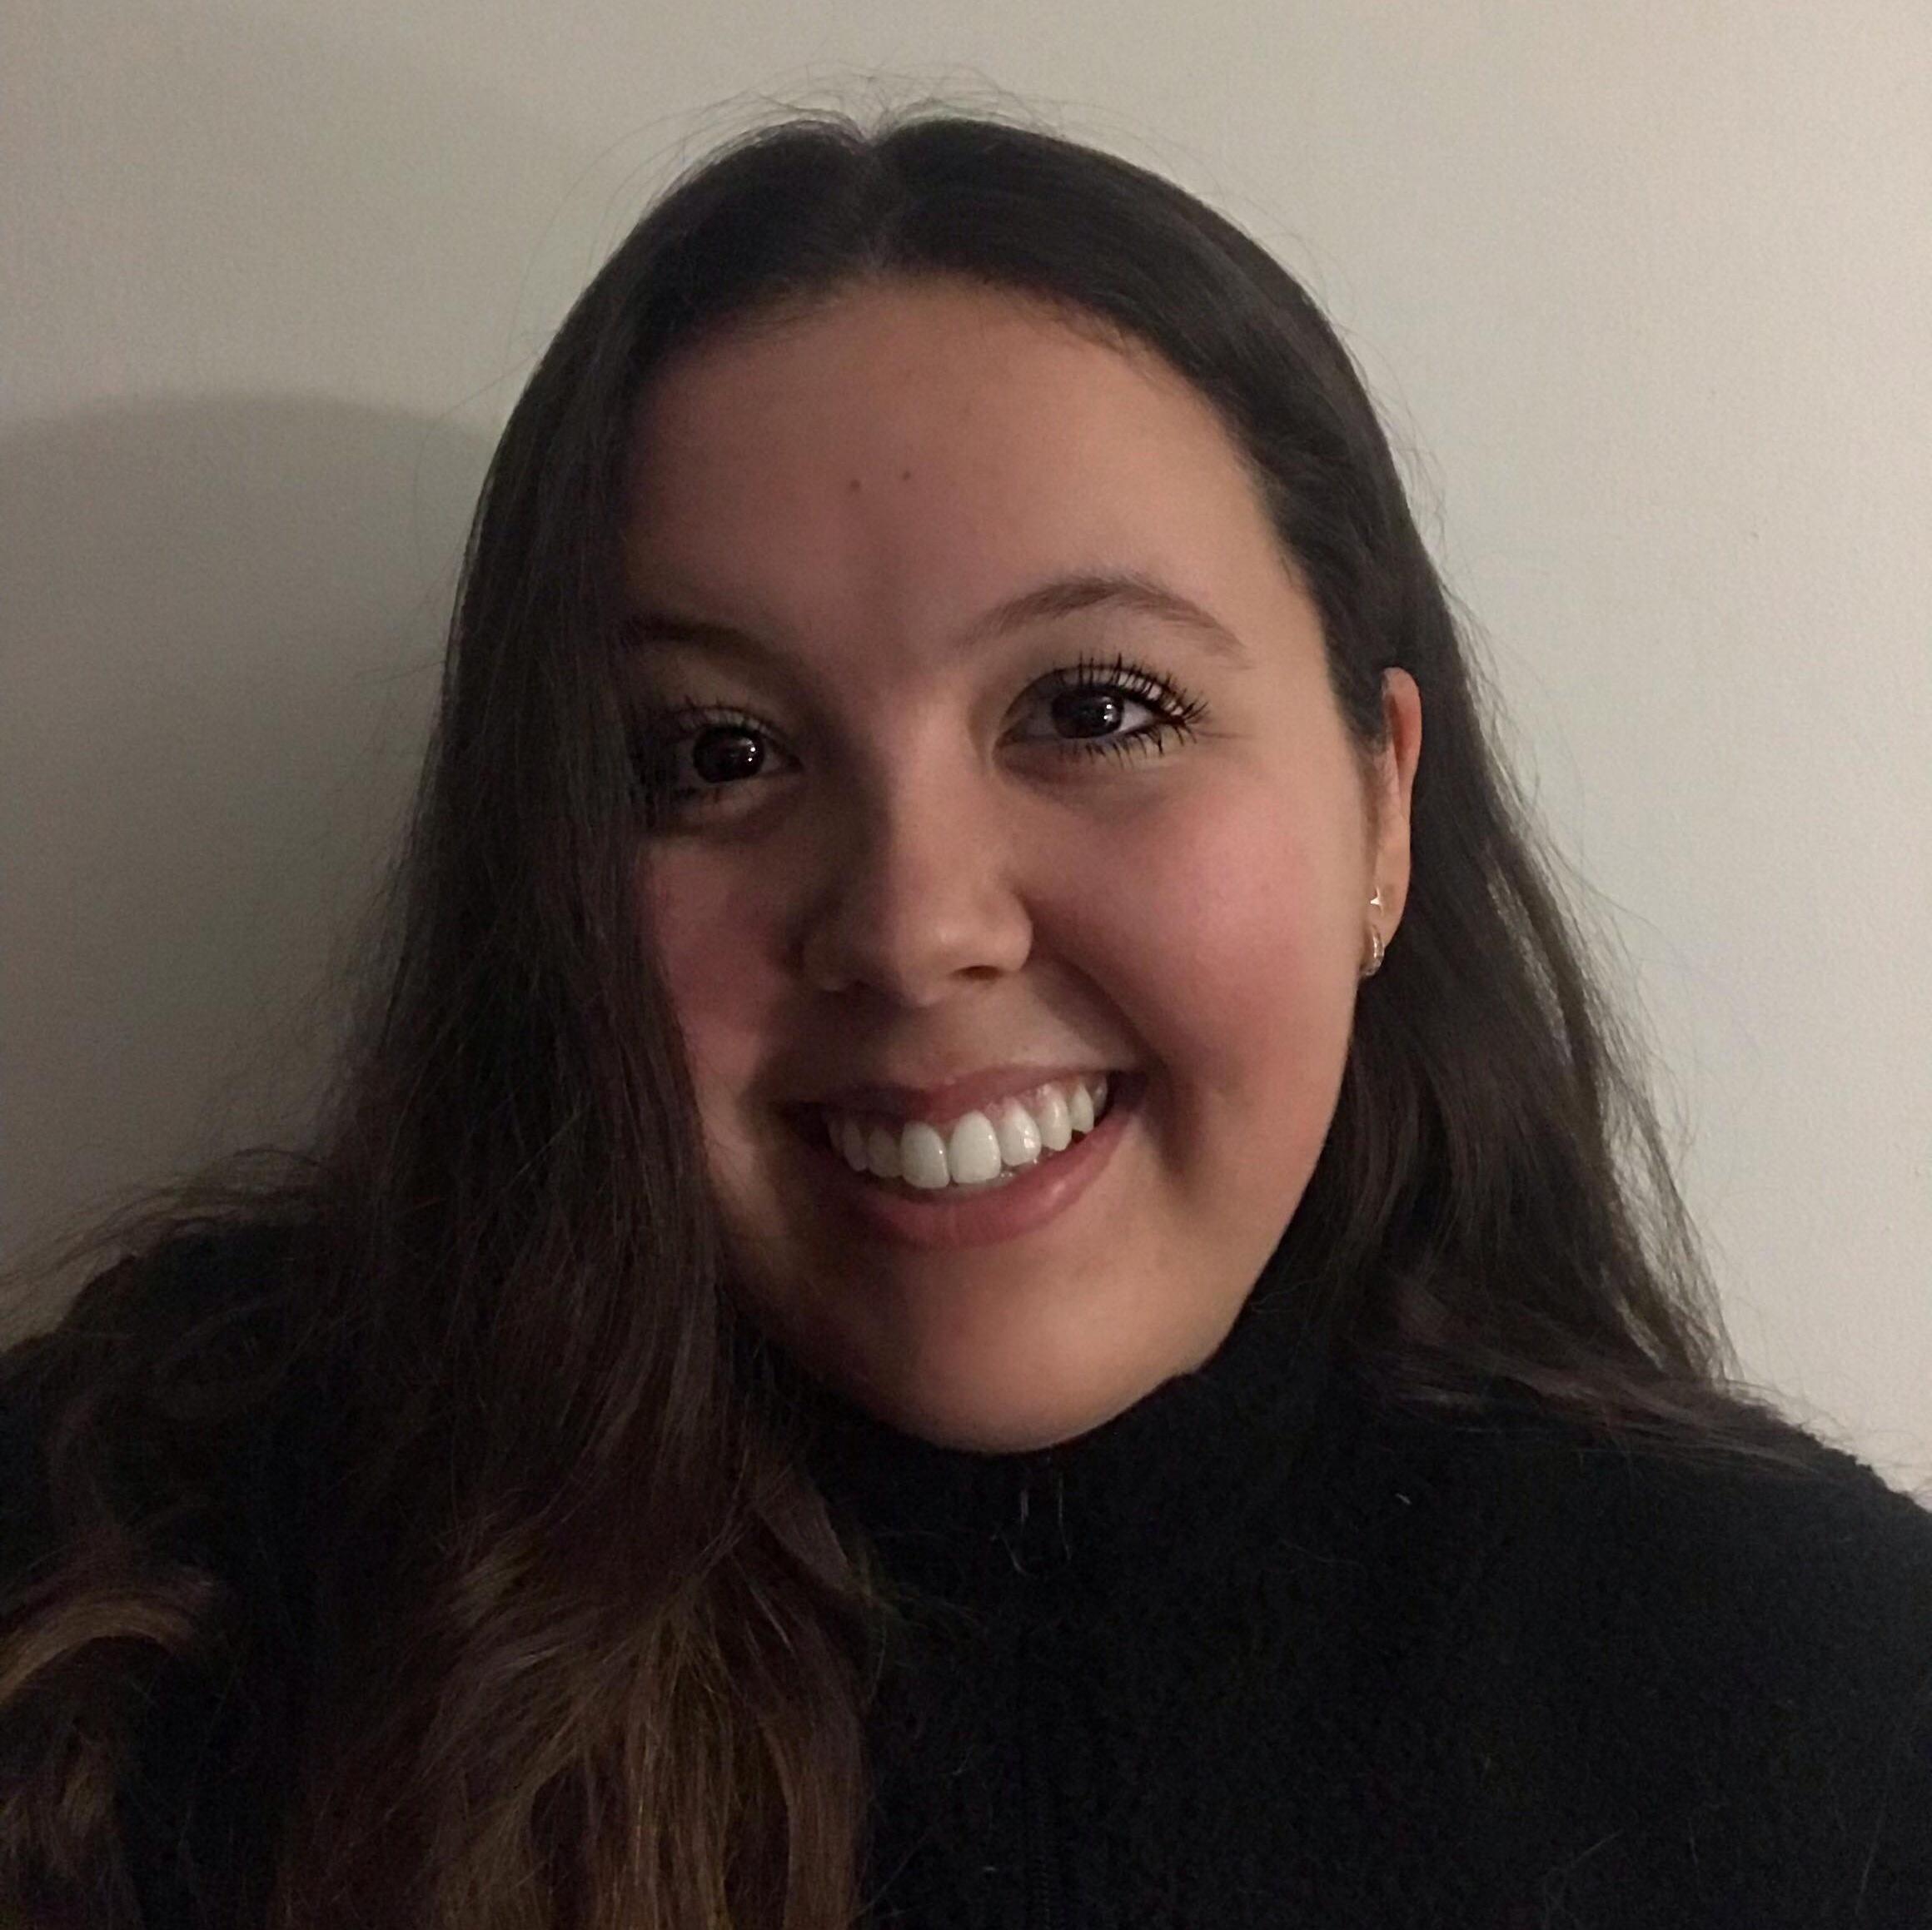 Kaitlyn Courchesne   Étudiant en biologie environnementale spécialisé en biologie de la faune. Première année à Mutrac et occupe le poste de vice-président aux commandites.